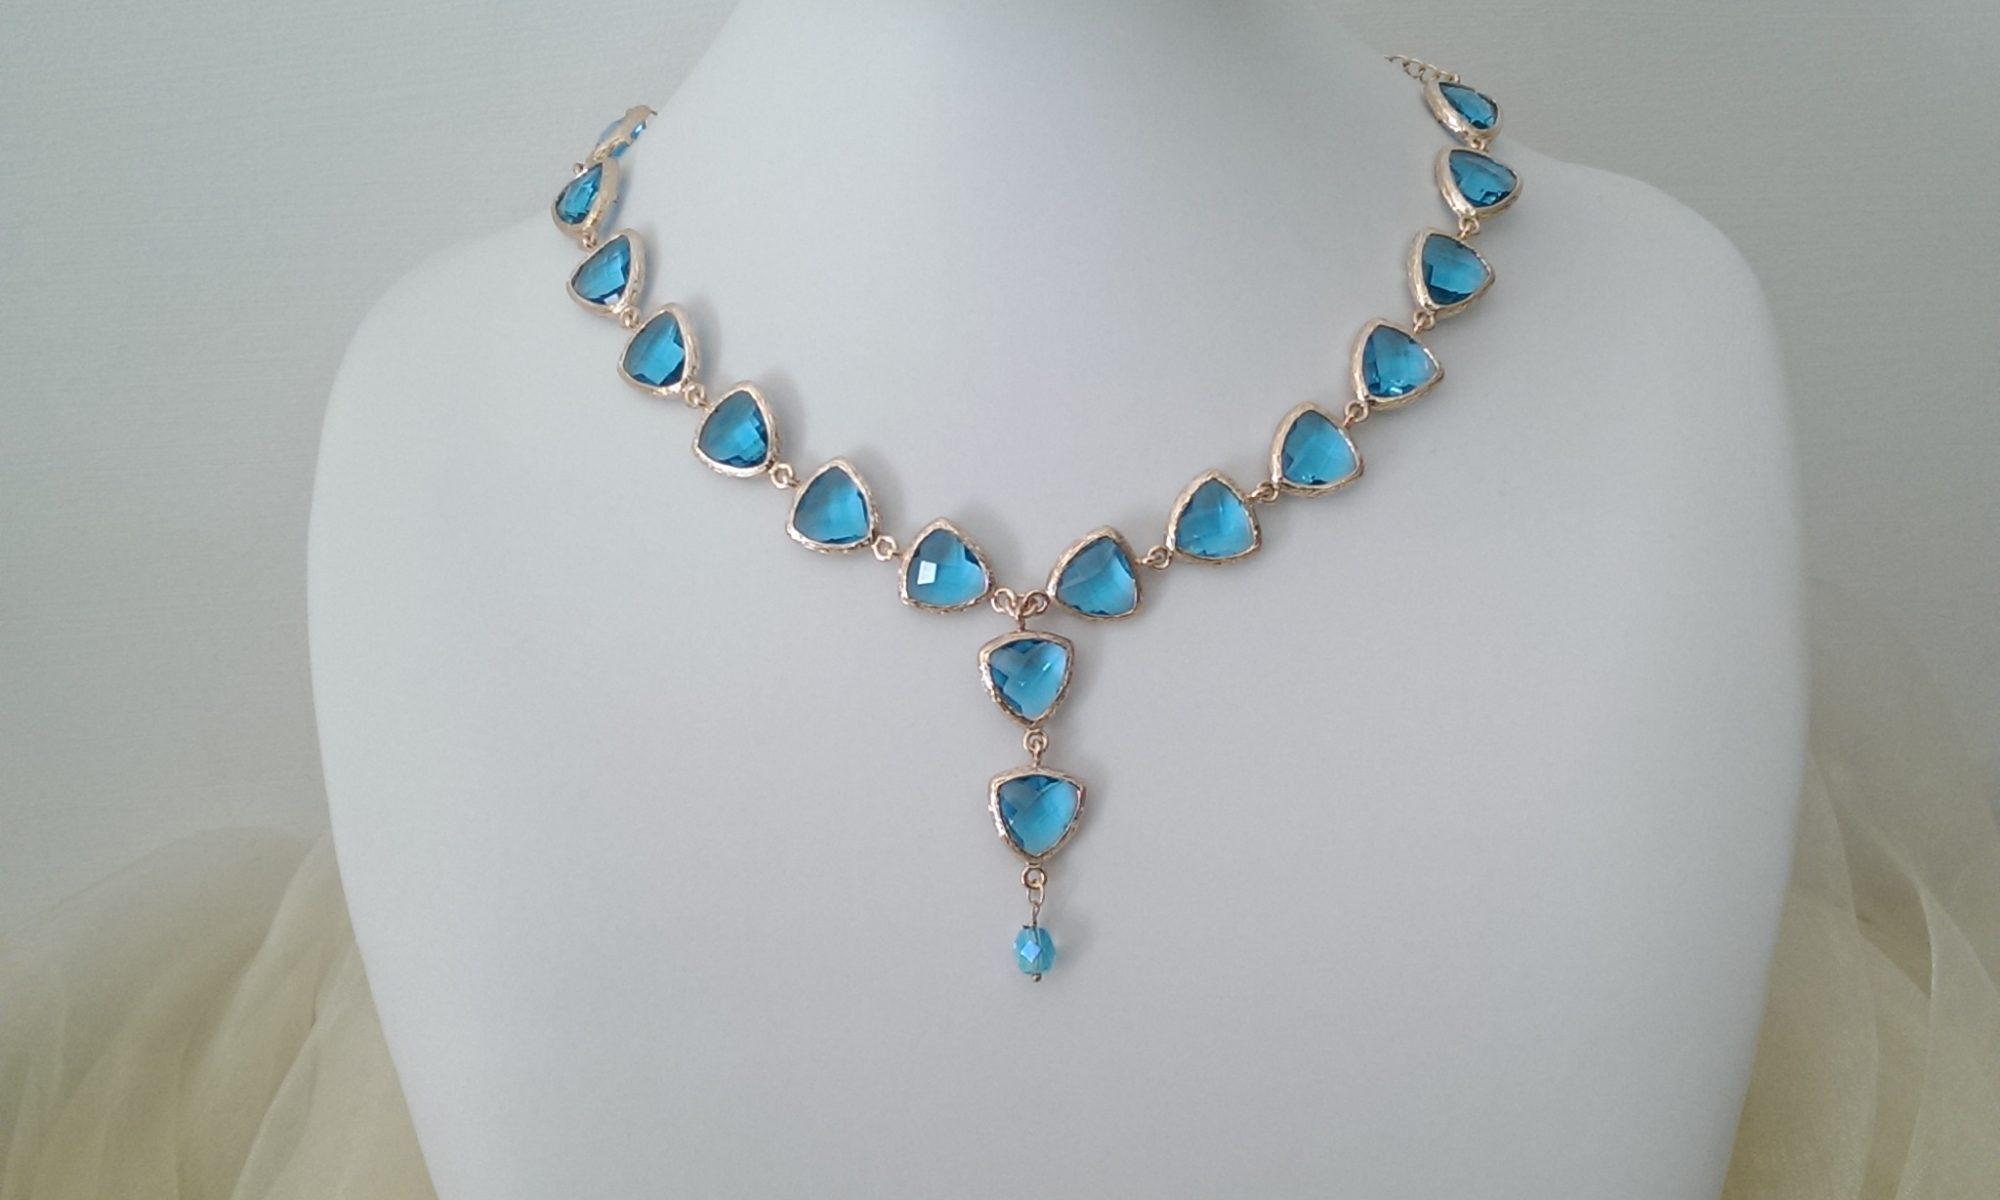 Collana di cristallo acquamarina e catena argento 925